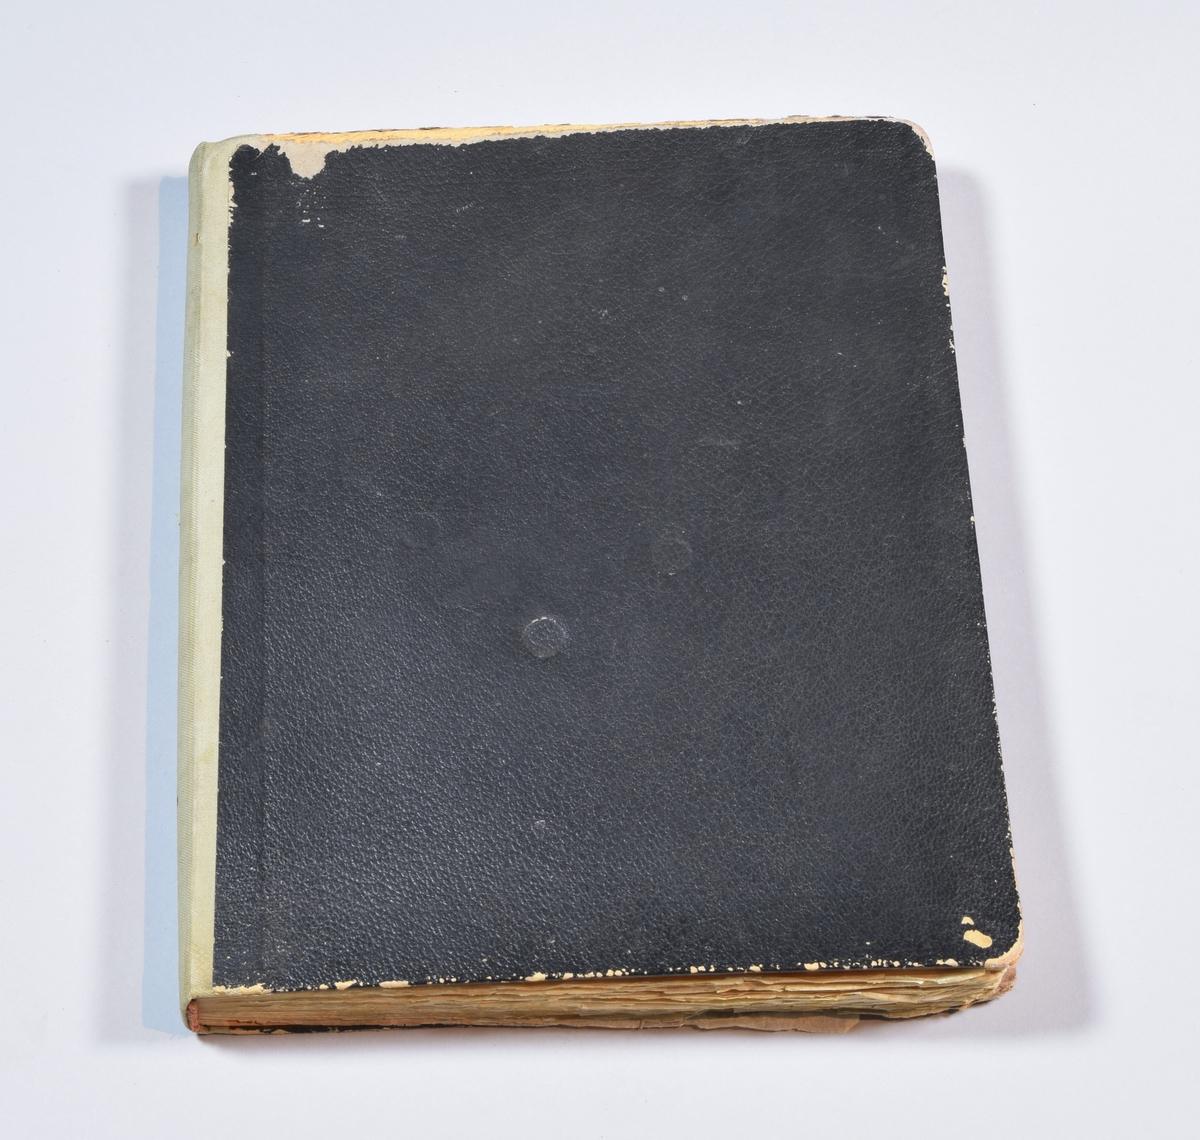 Gjenstanden er en kopibok med kopier av brev og fakturaer. Boka er trukket med svart papiromslag i skinnimitasjon. Ryggen er i gråbeige tekstil. Bokas første sider består av skilleark markert med bokstavene i alfabetet. Her kan kundens navn føres opp, sammen med henvisninger til hvilke sider i boka som gjelder den aktuelle kunden. Teksten i boka er hovedsakelig håndskrevet og noe er maskinskrevet, alt på tynt og gjennomsiktig papir. Sidene i boka er numerert fra 1 til 466 og dekker årene 1919 til 1922. De siste sidene i boka er revet ut.